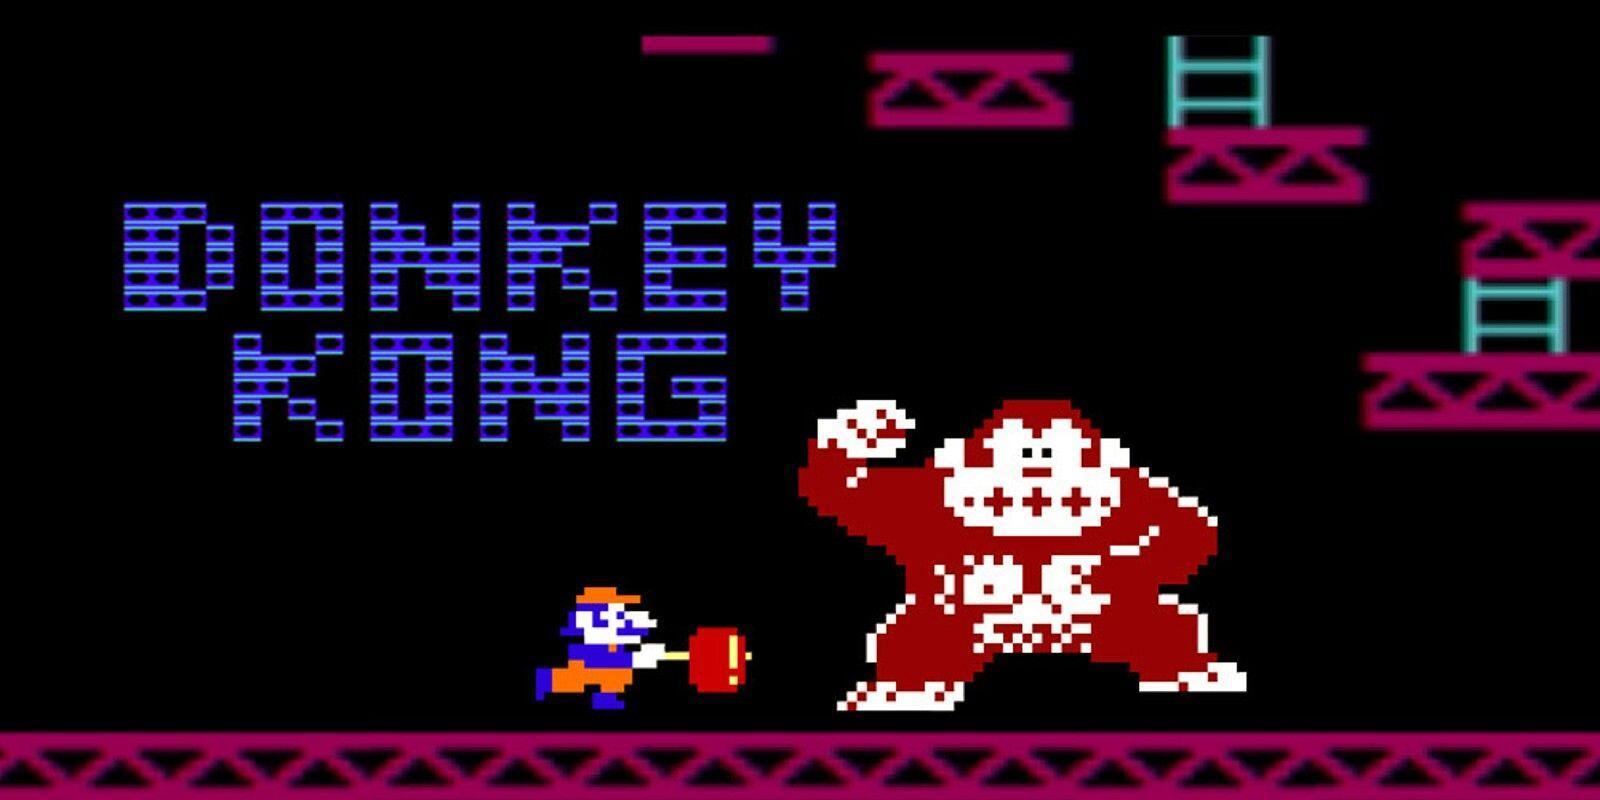 Sejarah Video Game: 10 Tahap Perkembangan dari Era Awal hingga Terkini